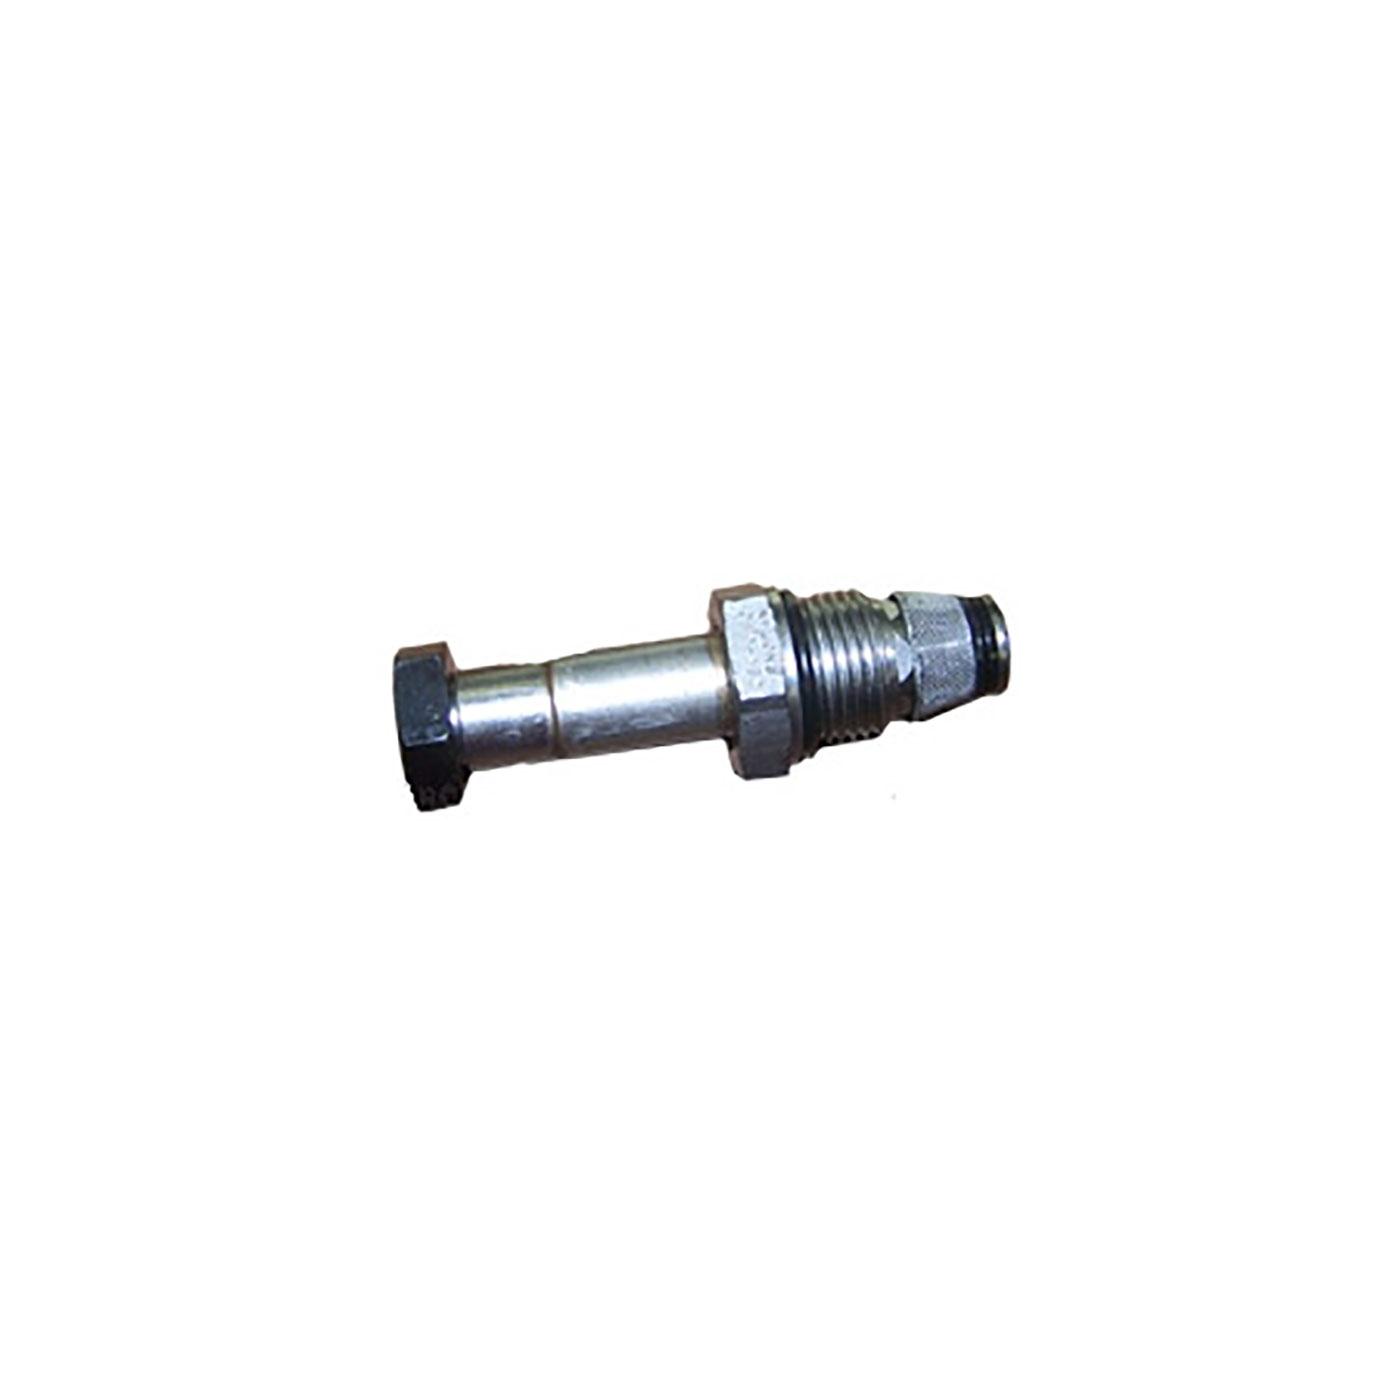 Cartridge 20 w/Nut (Fisher)